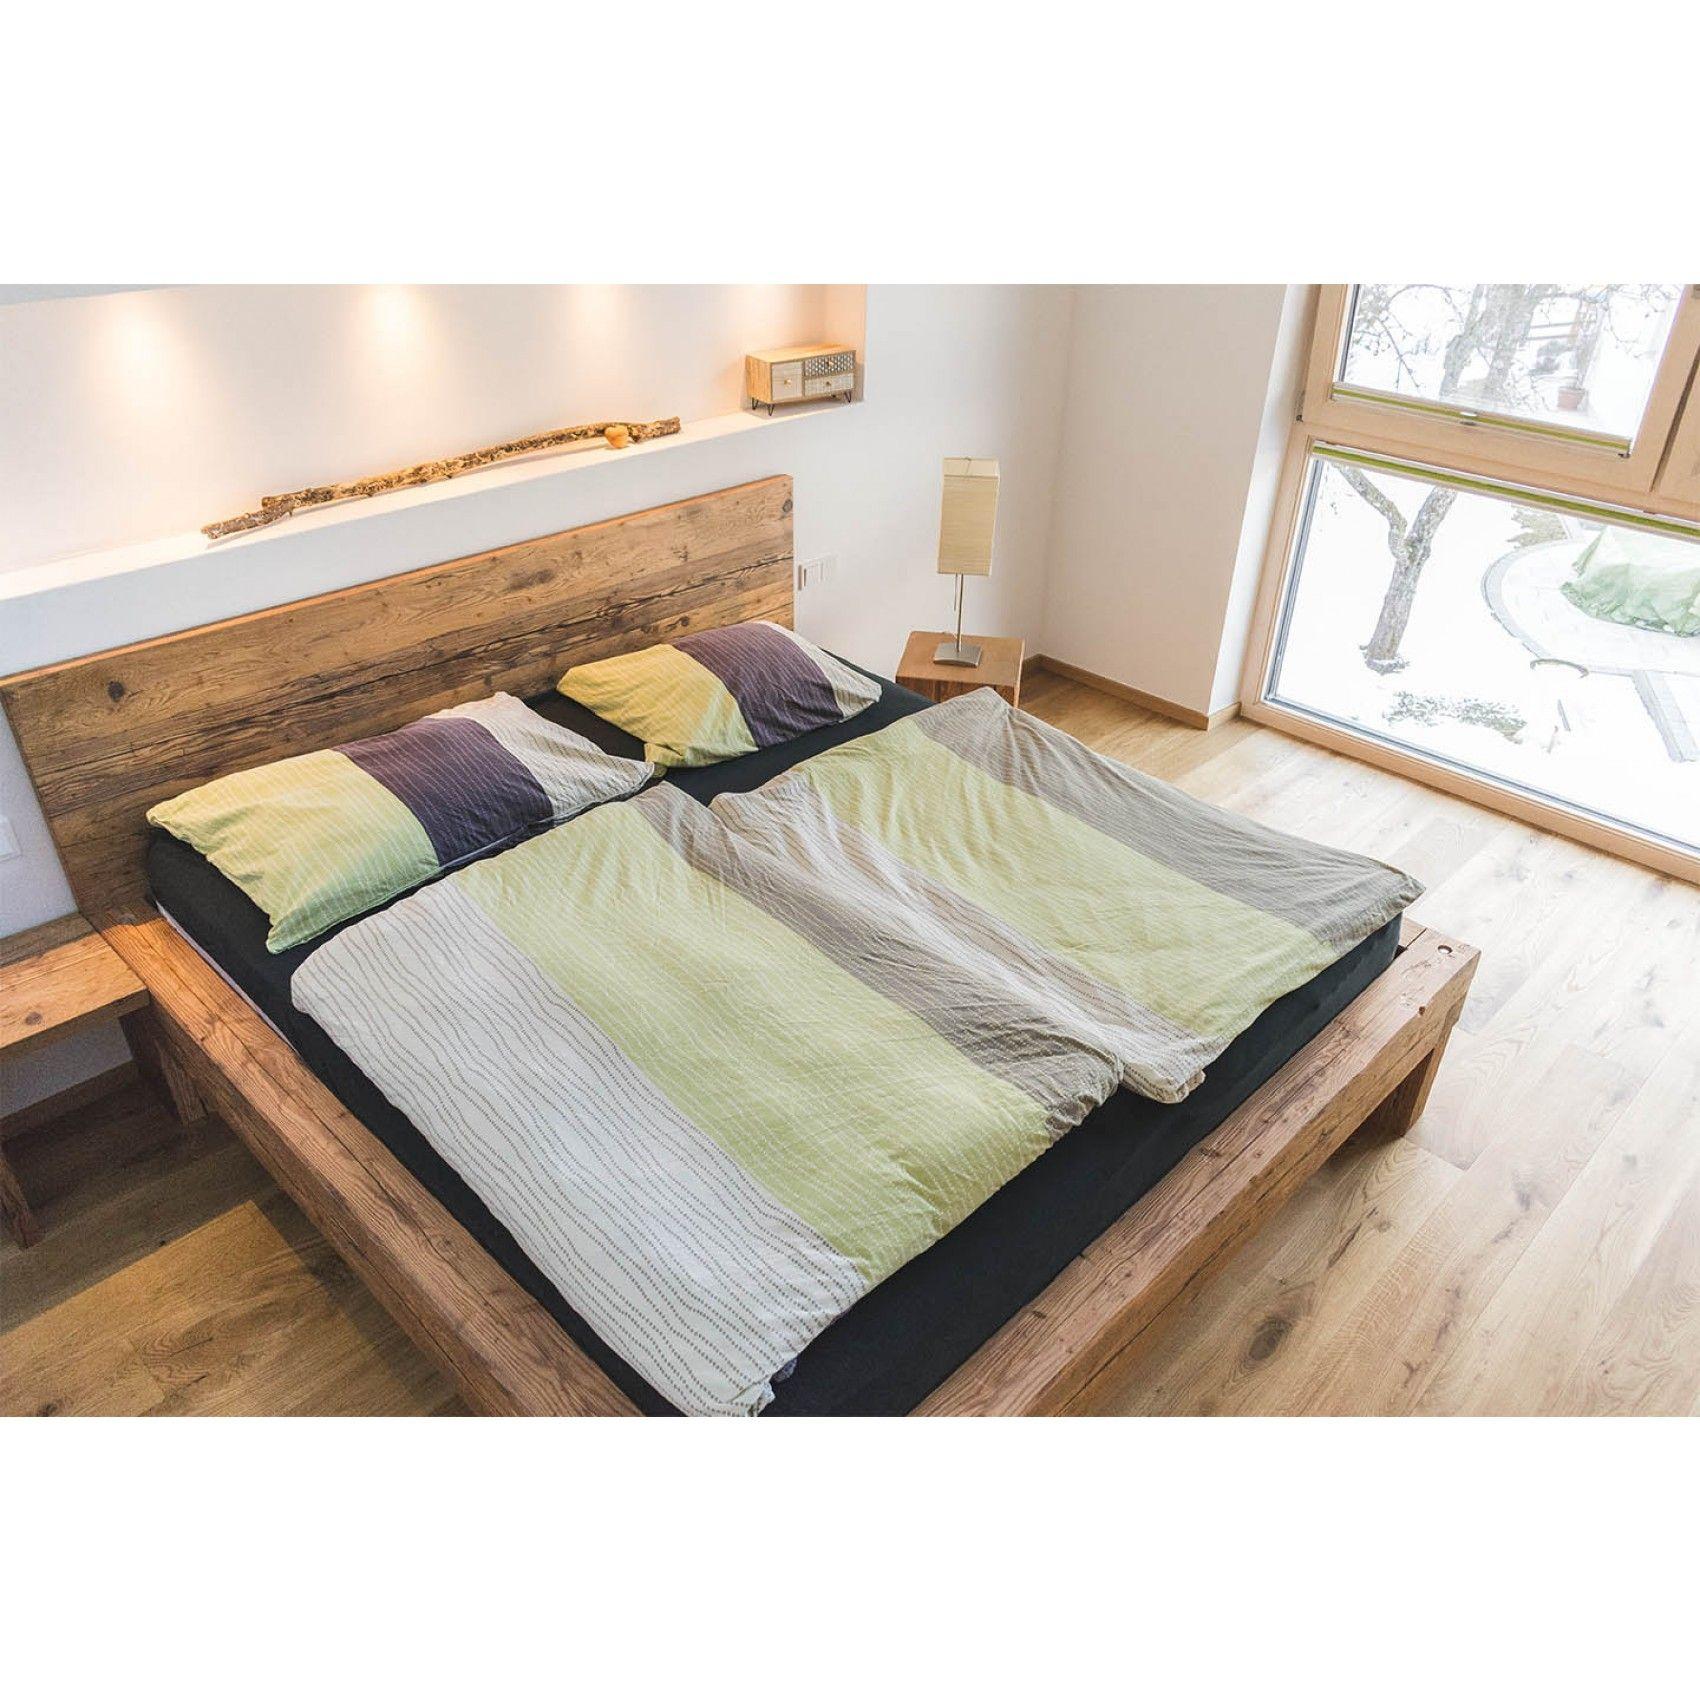 Balkenbett Altholzdesign Tirol 02 in 2019 Bett, Bett